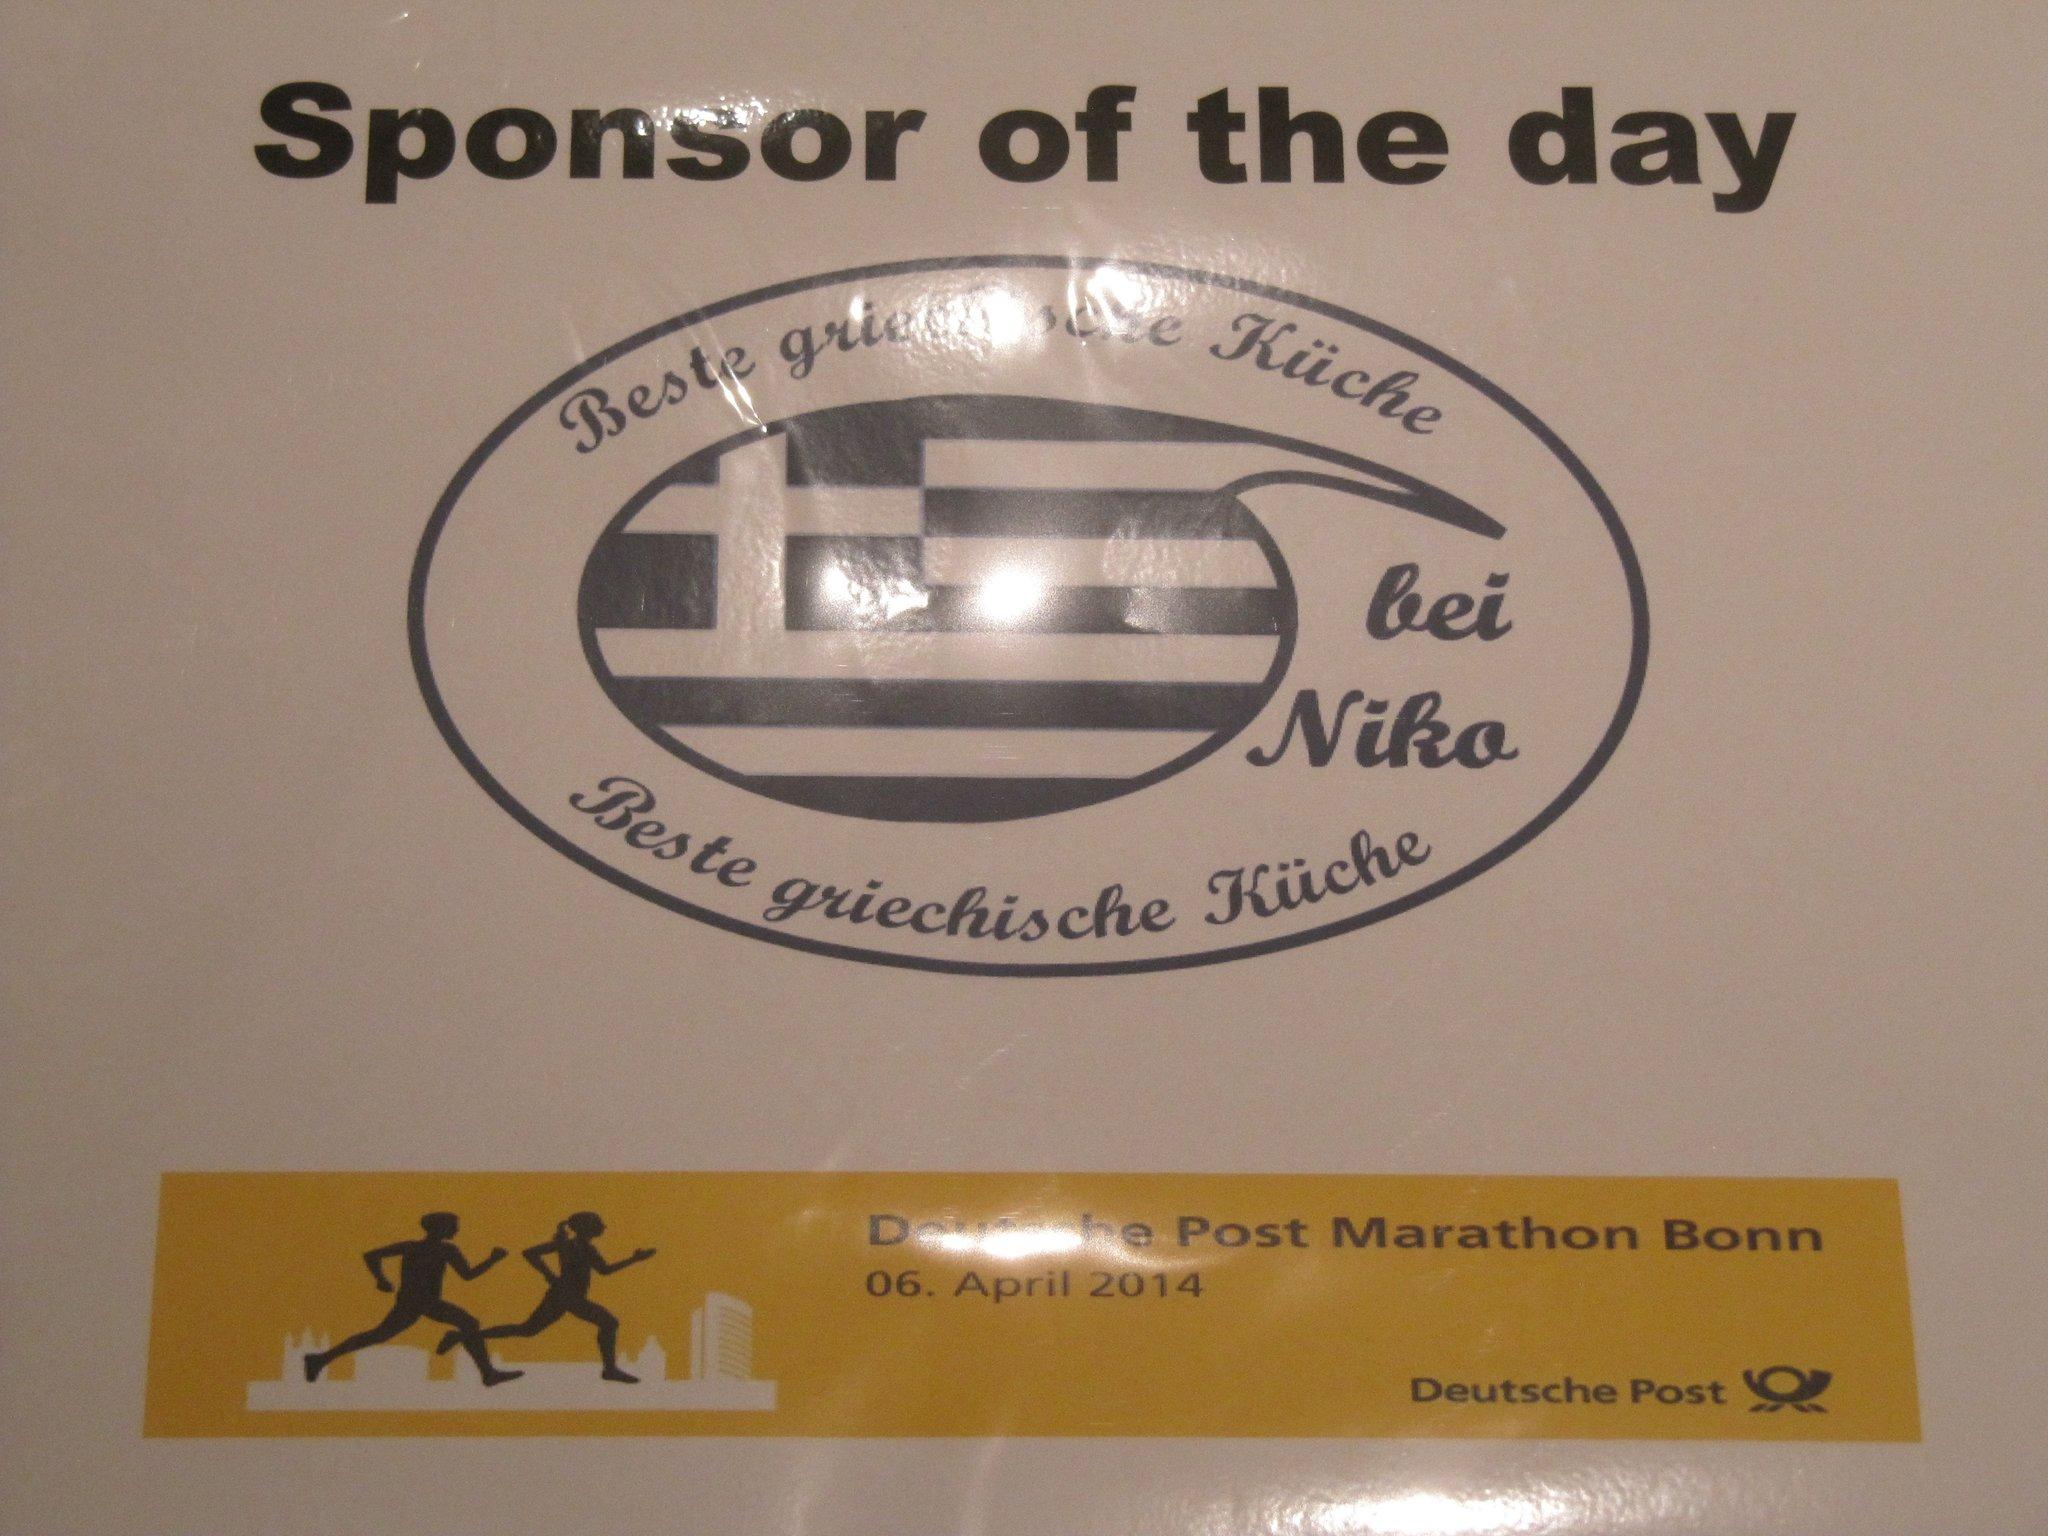 Der Spenden Speed Startet Beim Deutsche Post Bonn Marathon Menden